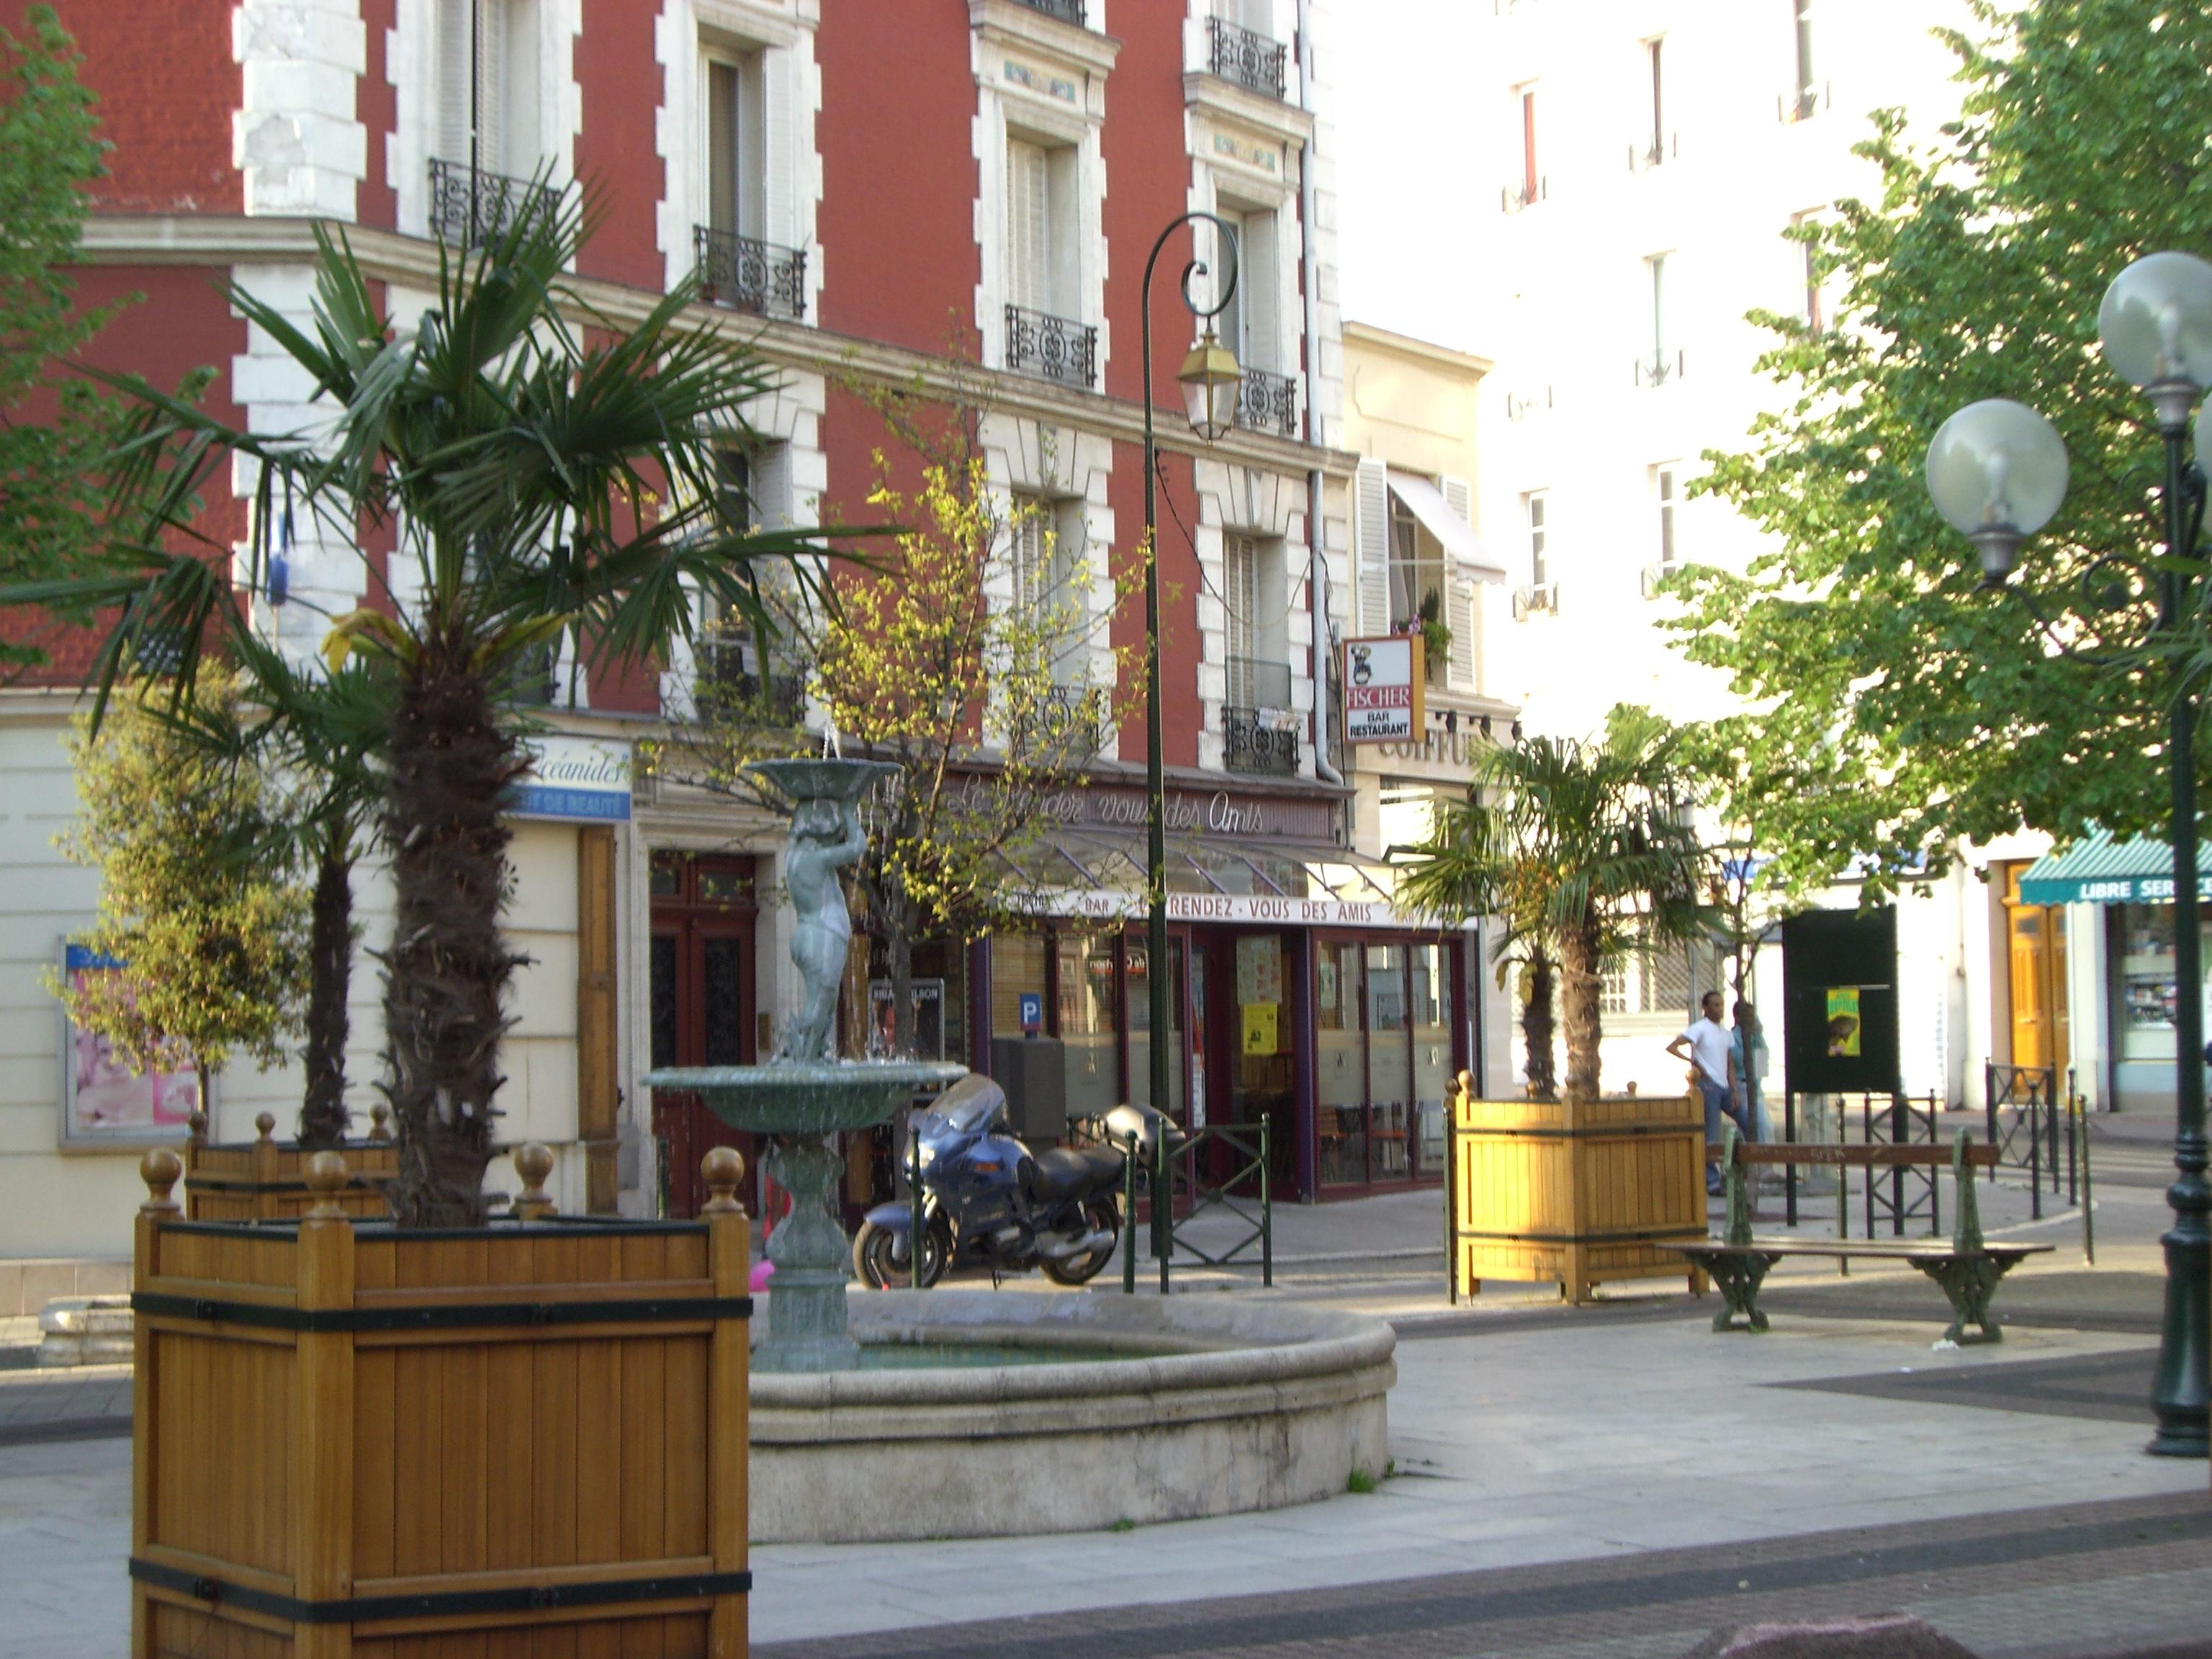 Stationnement La Garenne Colombes